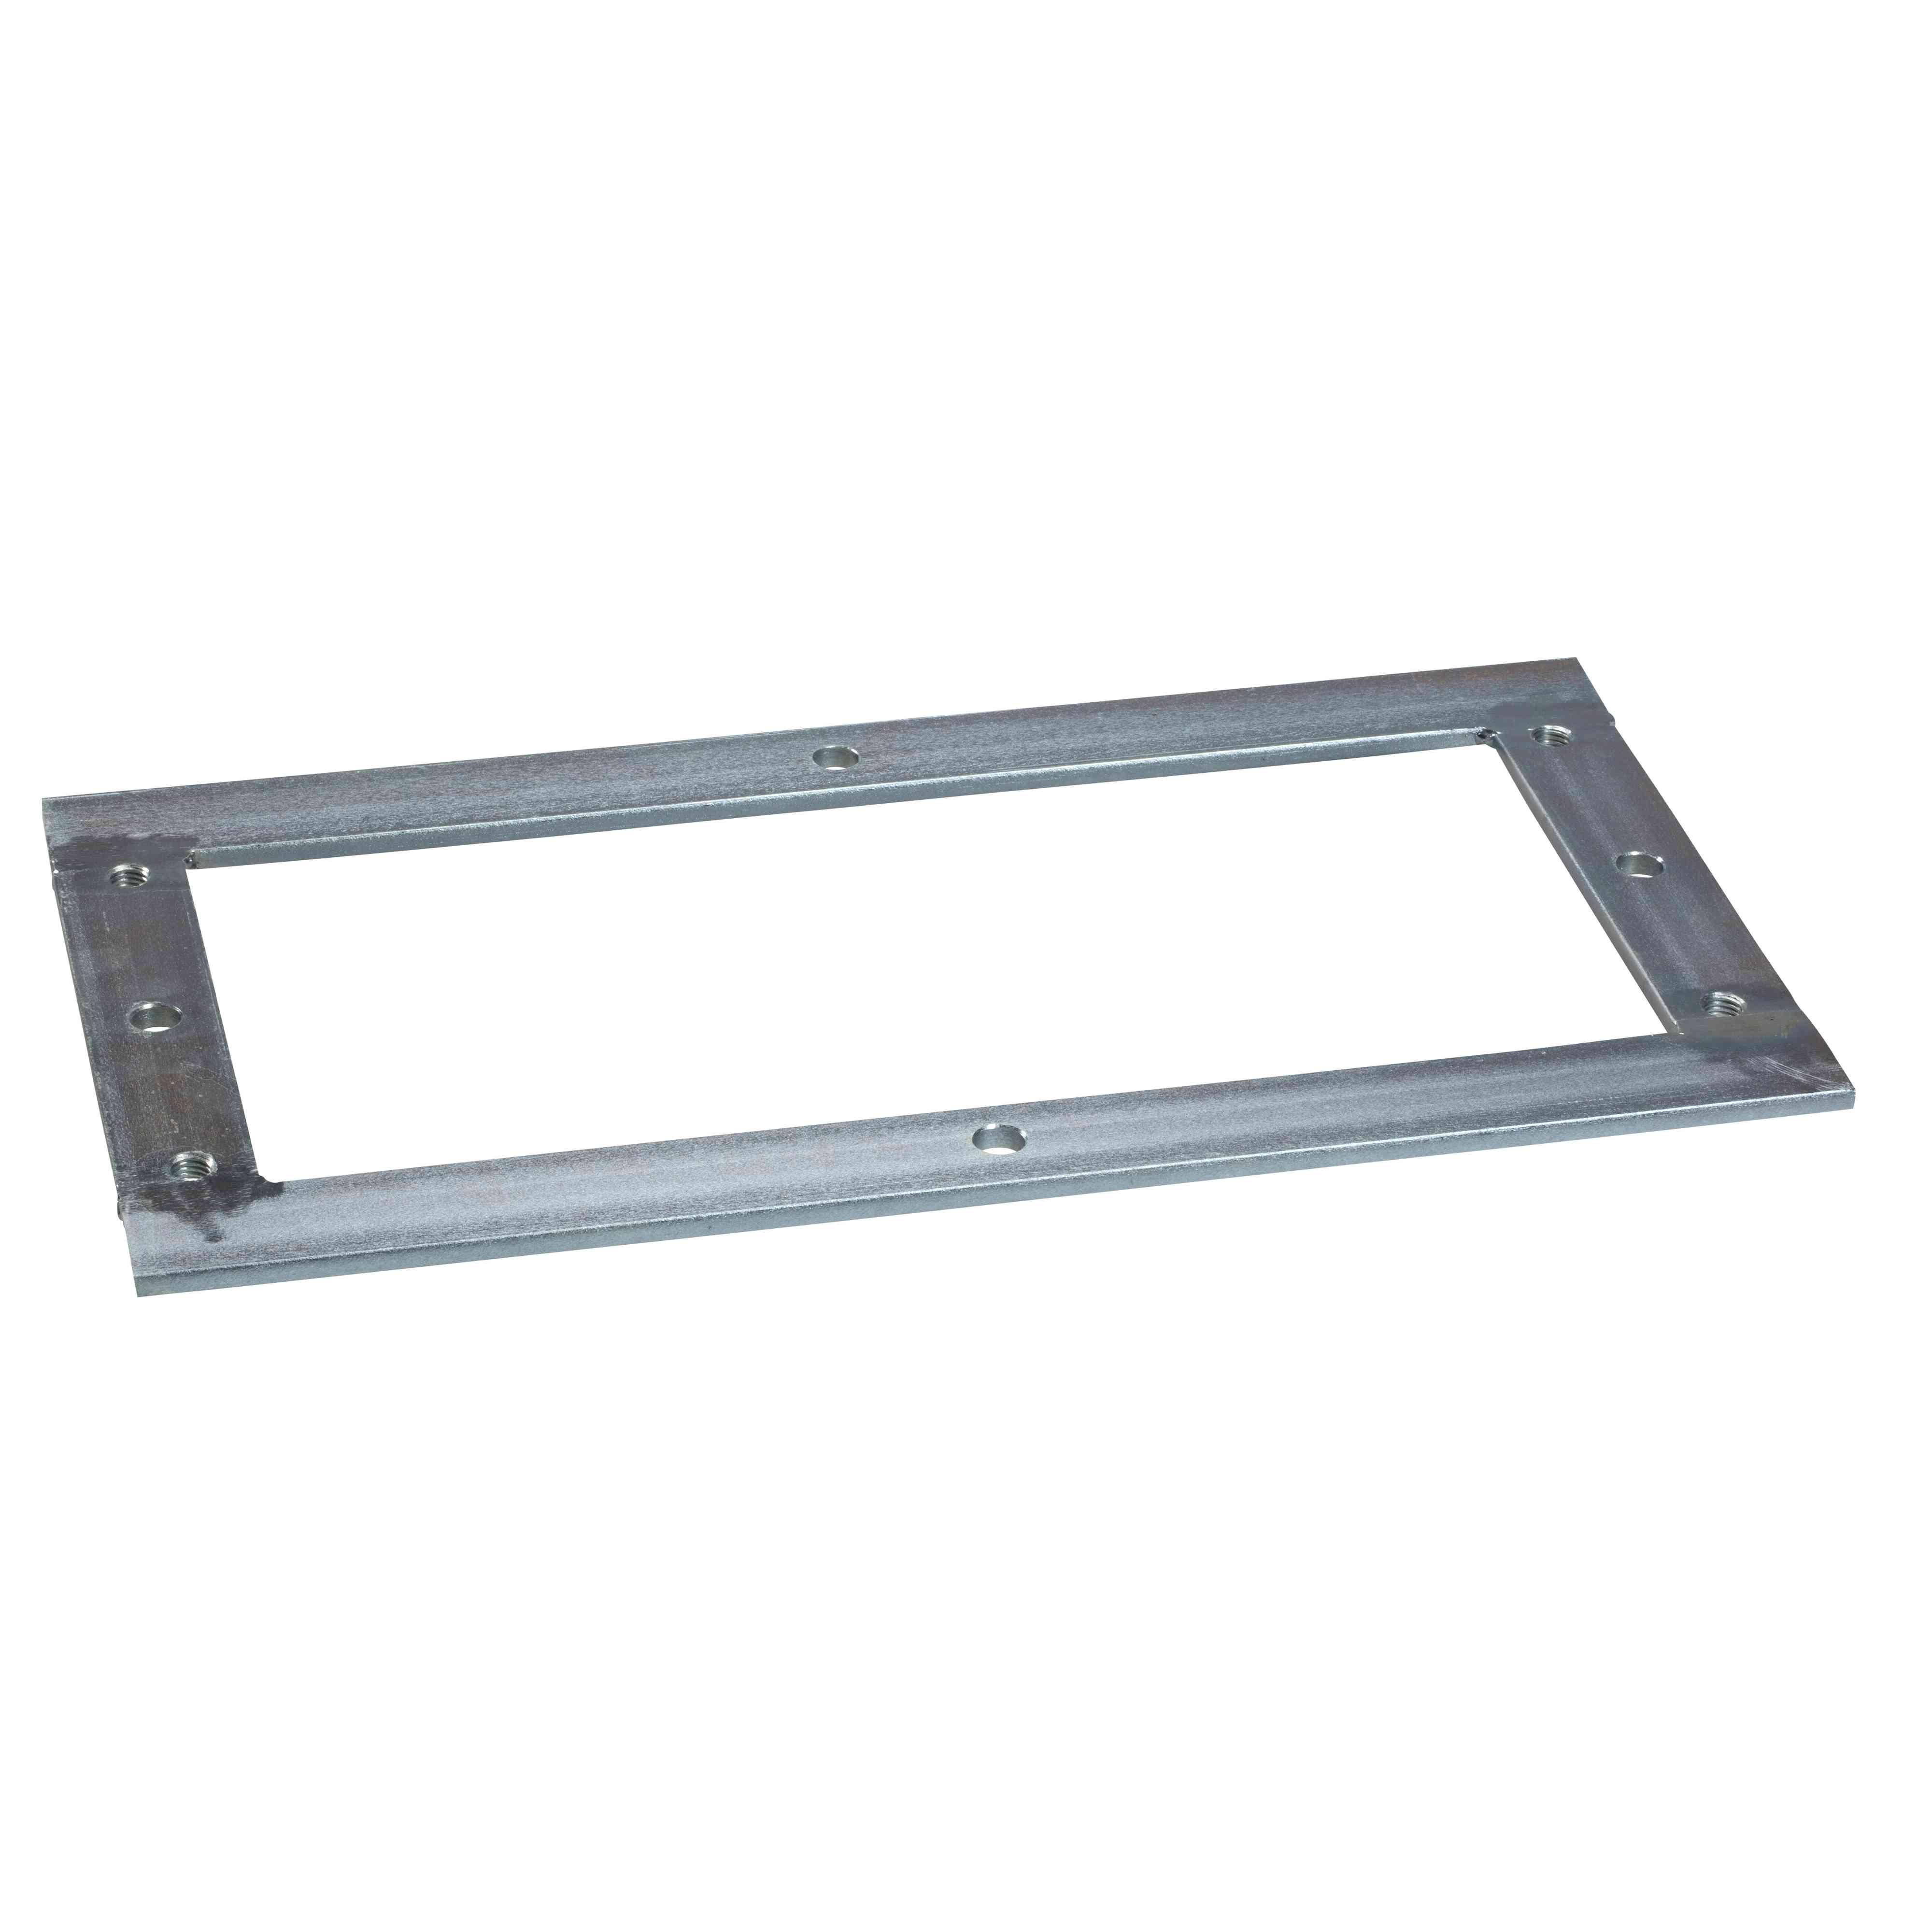 Kovinski okvir za pritrditev na tla za različico PLAZ ali PLAZT Š500xG420 mm